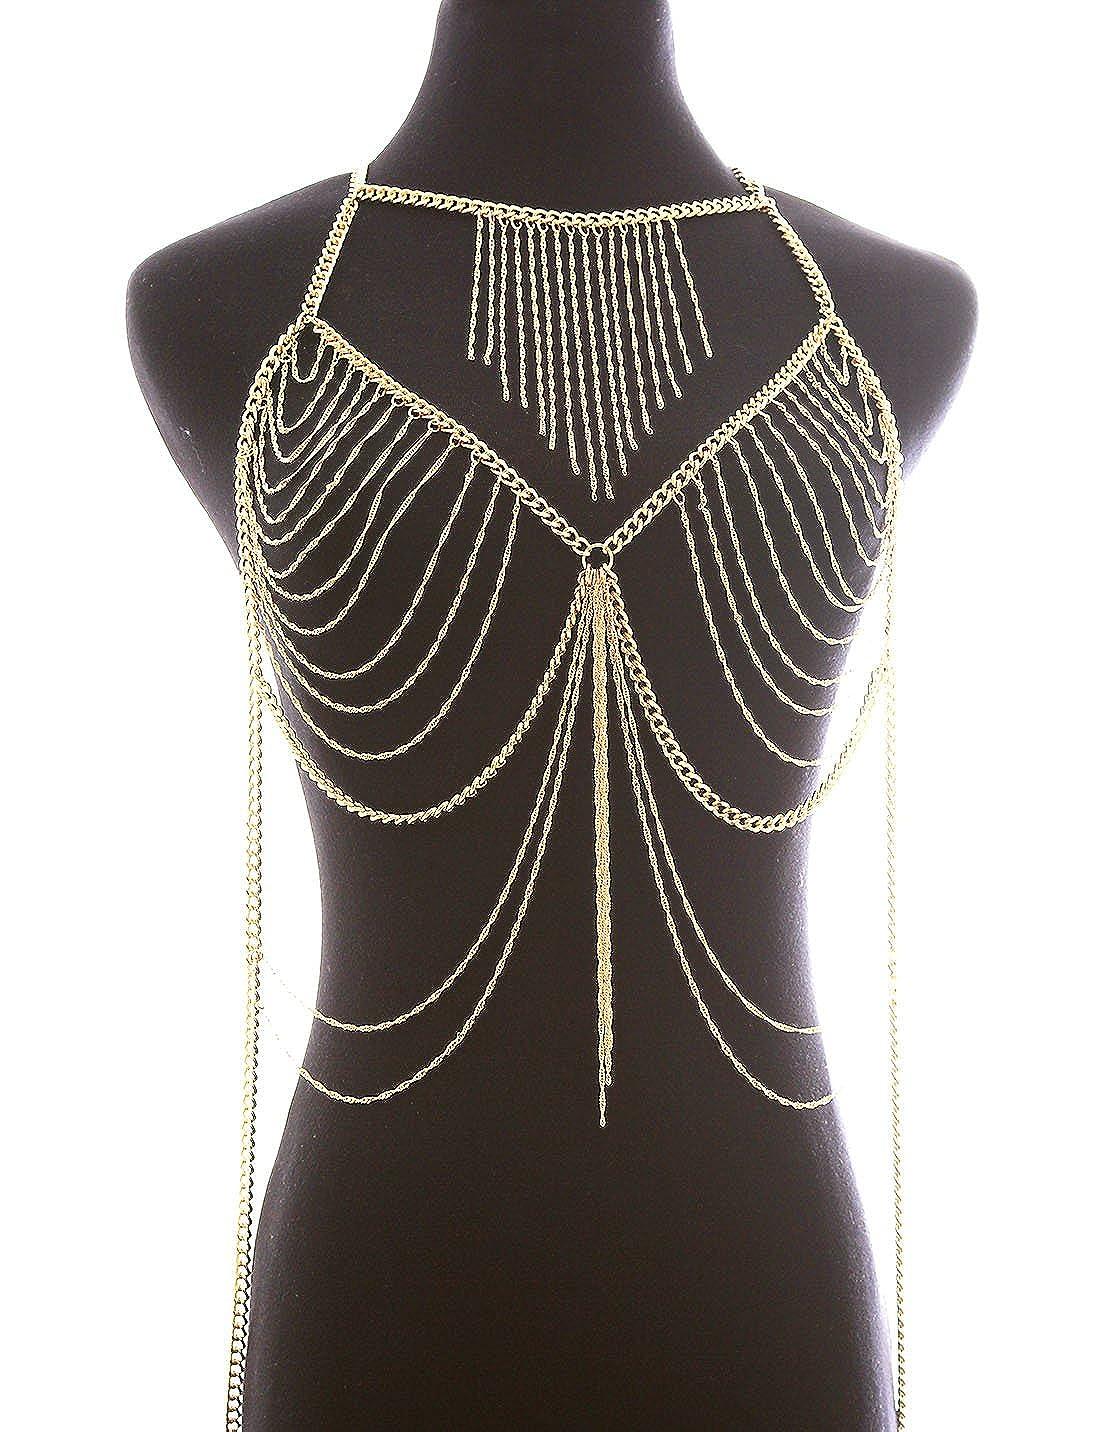 fd95340978 Amazon.com  Fine Fashion Boderier Retro Bikini Bralette Chain Harness  Necklace Crossover Body Chain for Women (Gold)  Jewelry